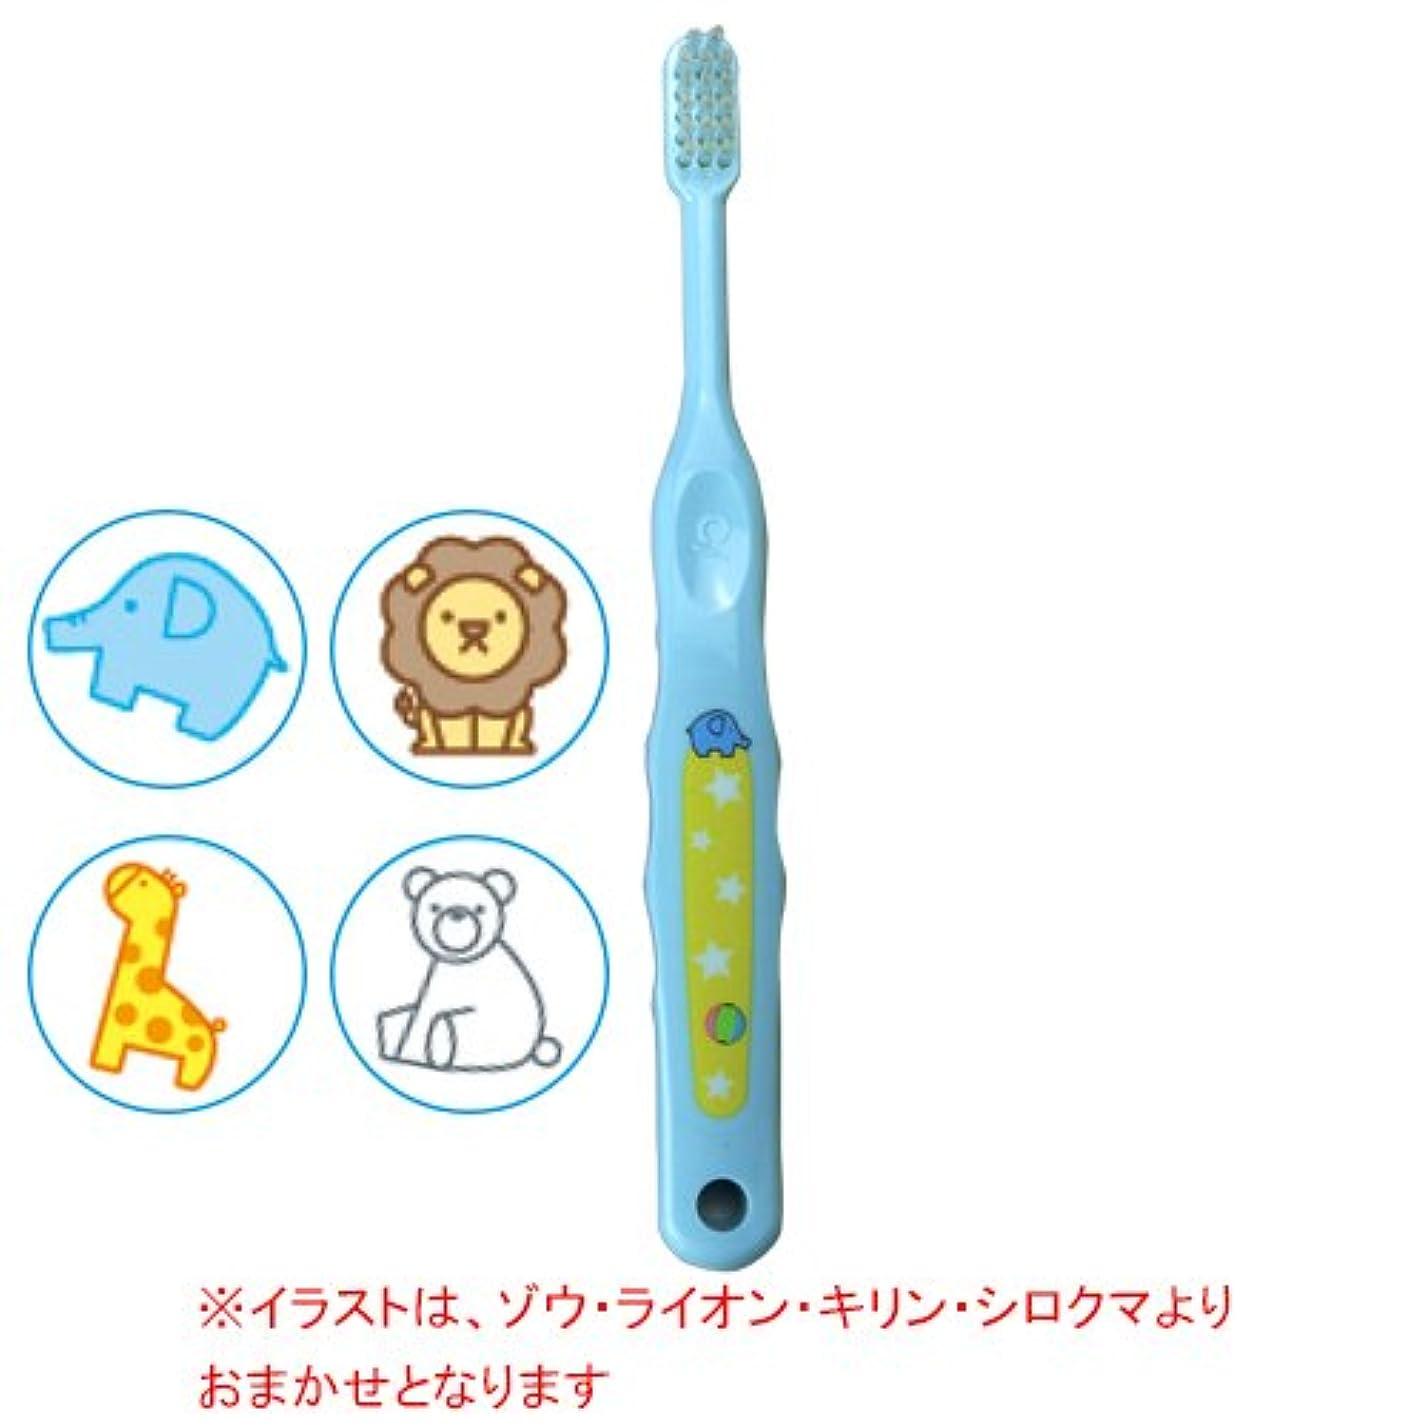 コンピューターゲームをプレイするオペレーター香ばしいCiメディカル Ci なまえ歯ブラシ 503 (やわらかめ) (乳児から小学生向)1本 (ブルー)